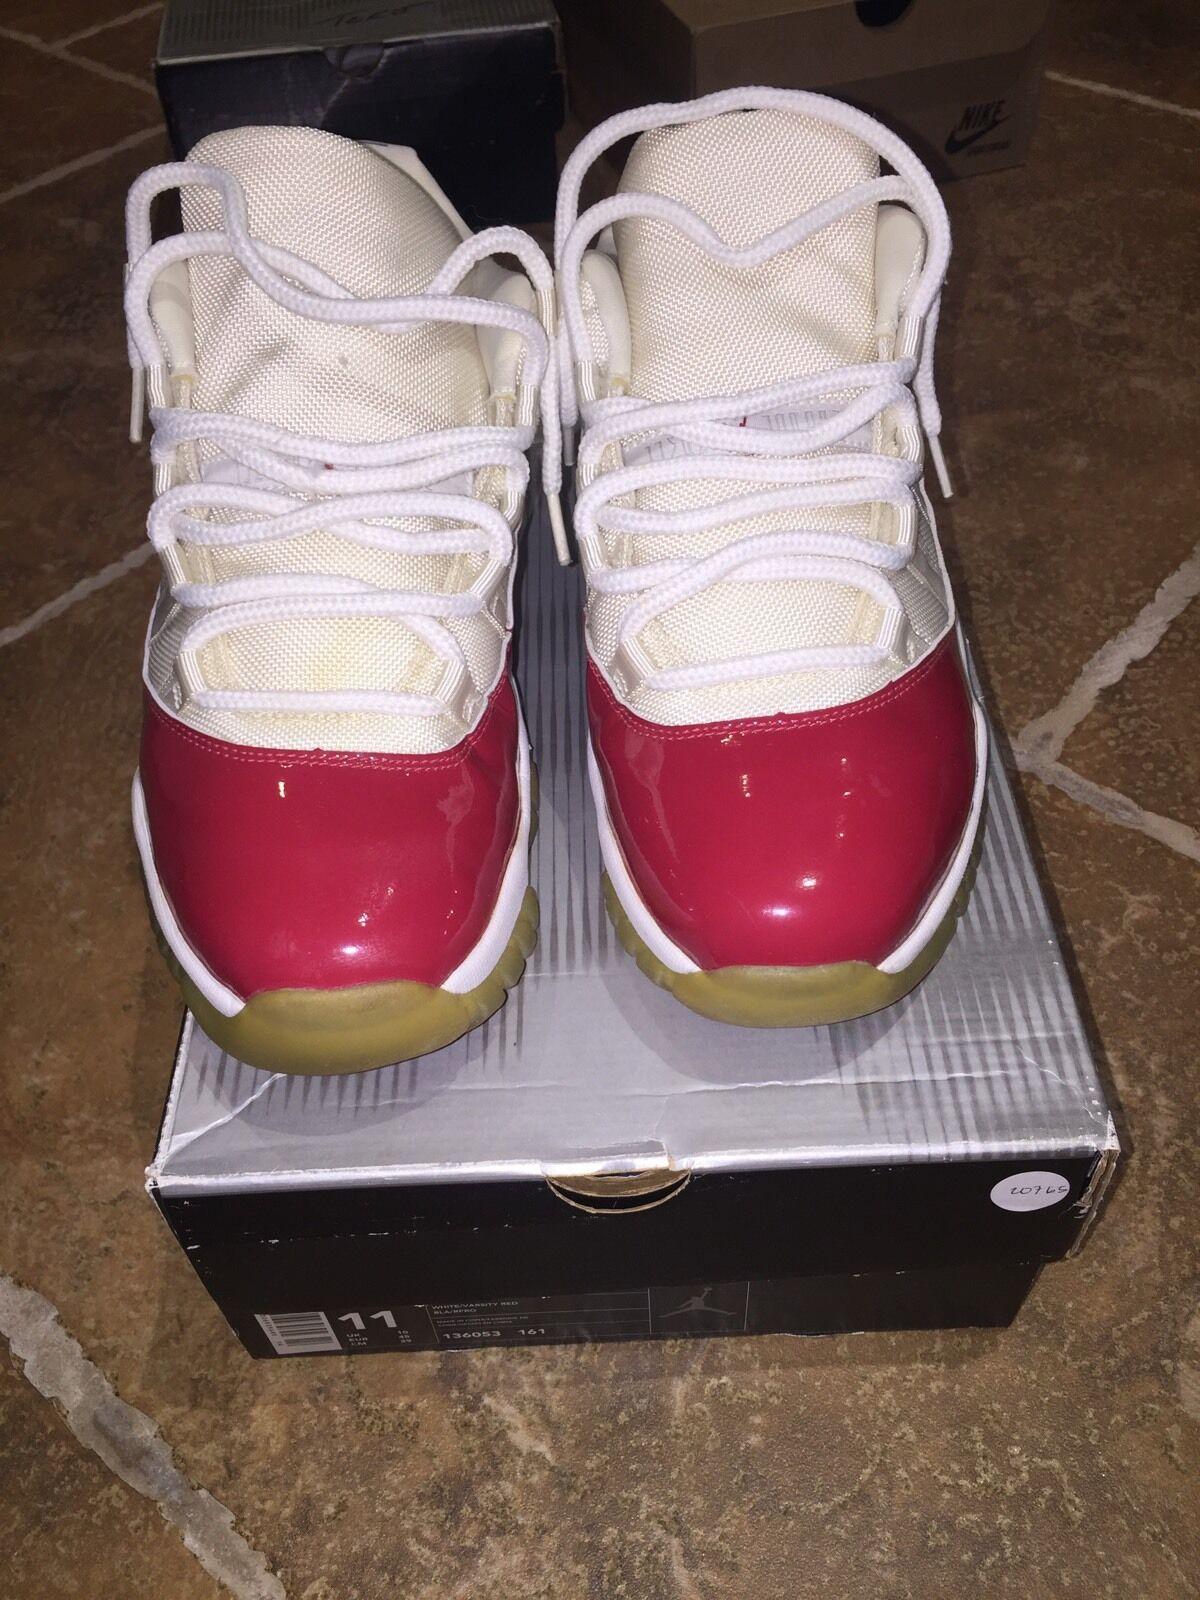 2018 Air Jordan 11 Low White Red Size 11